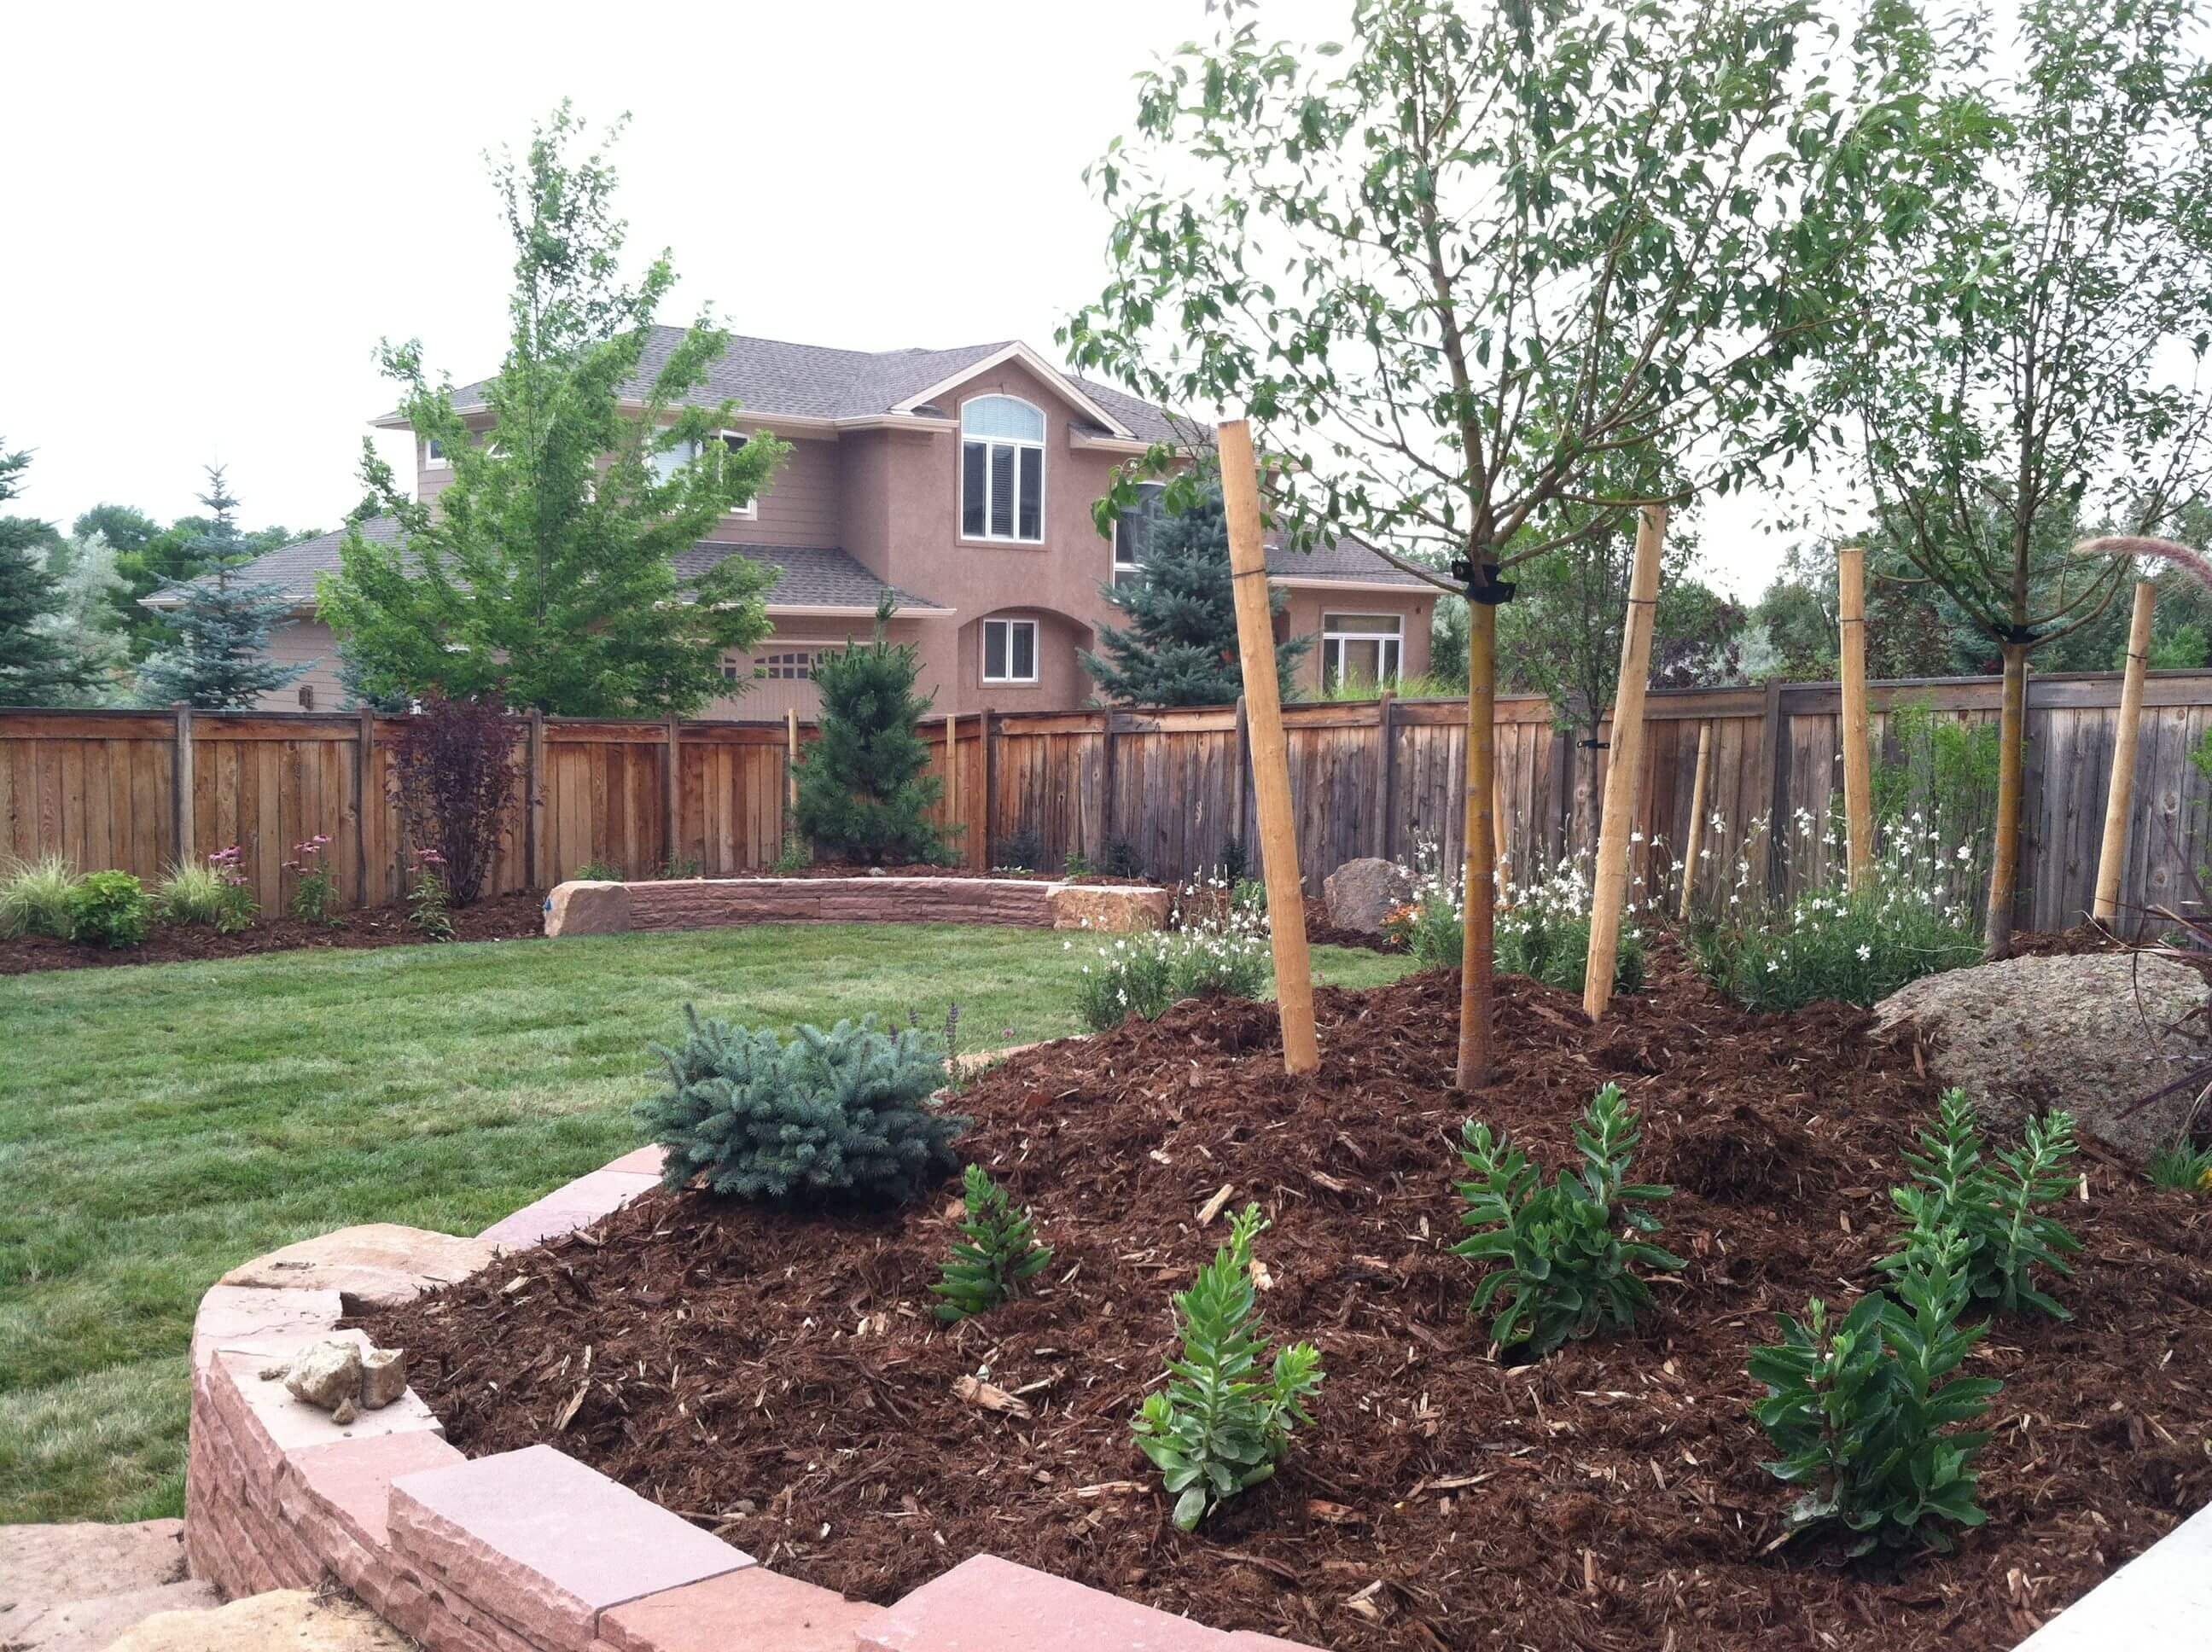 Pin By Online Landscape Designs On Landscapes And Gardens Landscape Design Services Landscaping Images Online Landscape Design